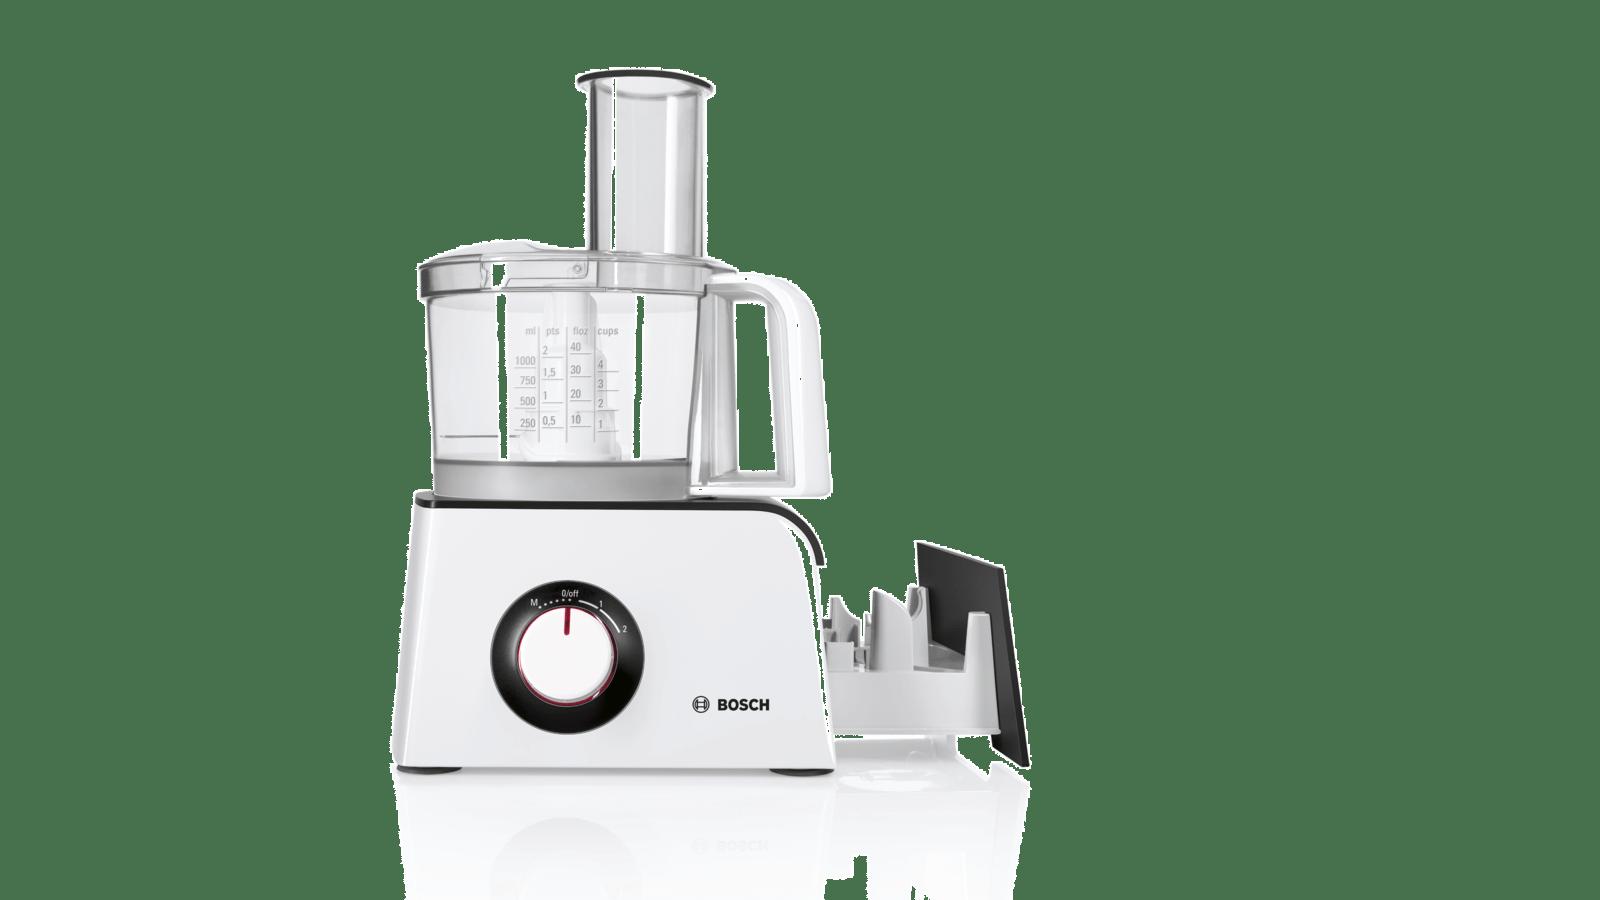 Bosch MCM 4100 Cuisine Machine Compacte De Cuisine Machine